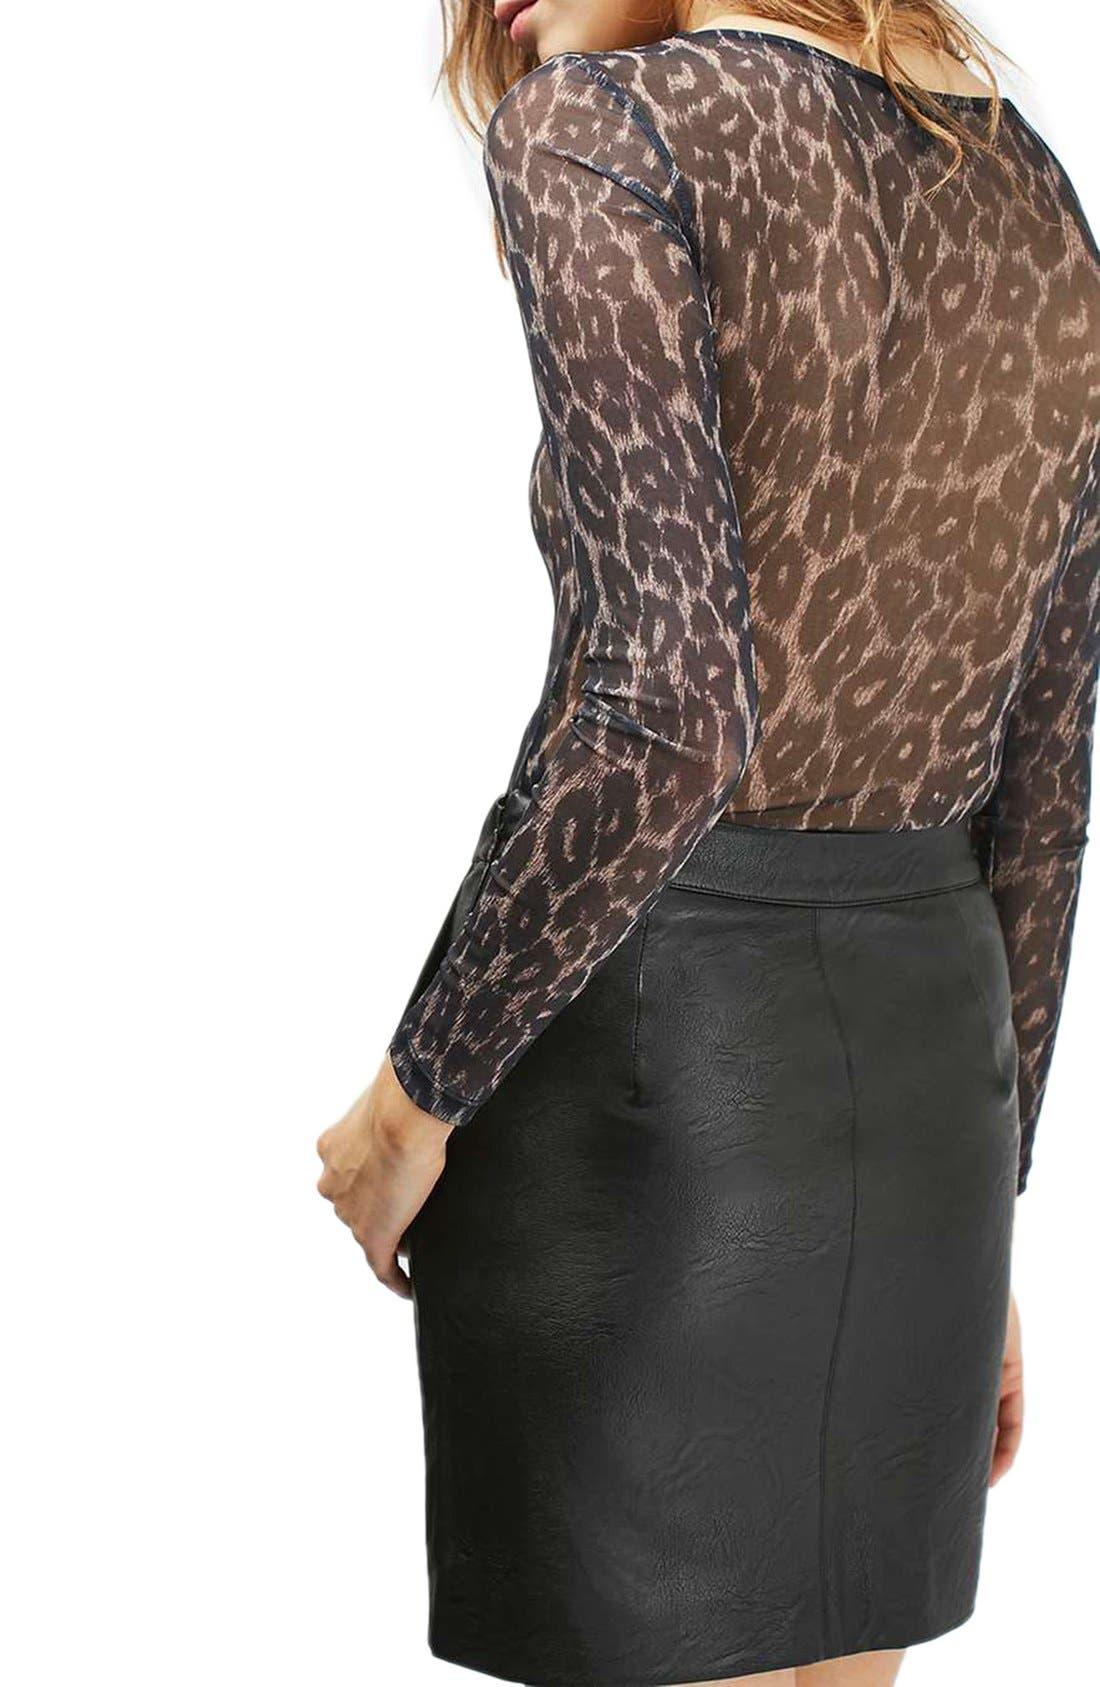 TOPSHOP, Faux Leather Pencil Skirt, Alternate thumbnail 5, color, 001